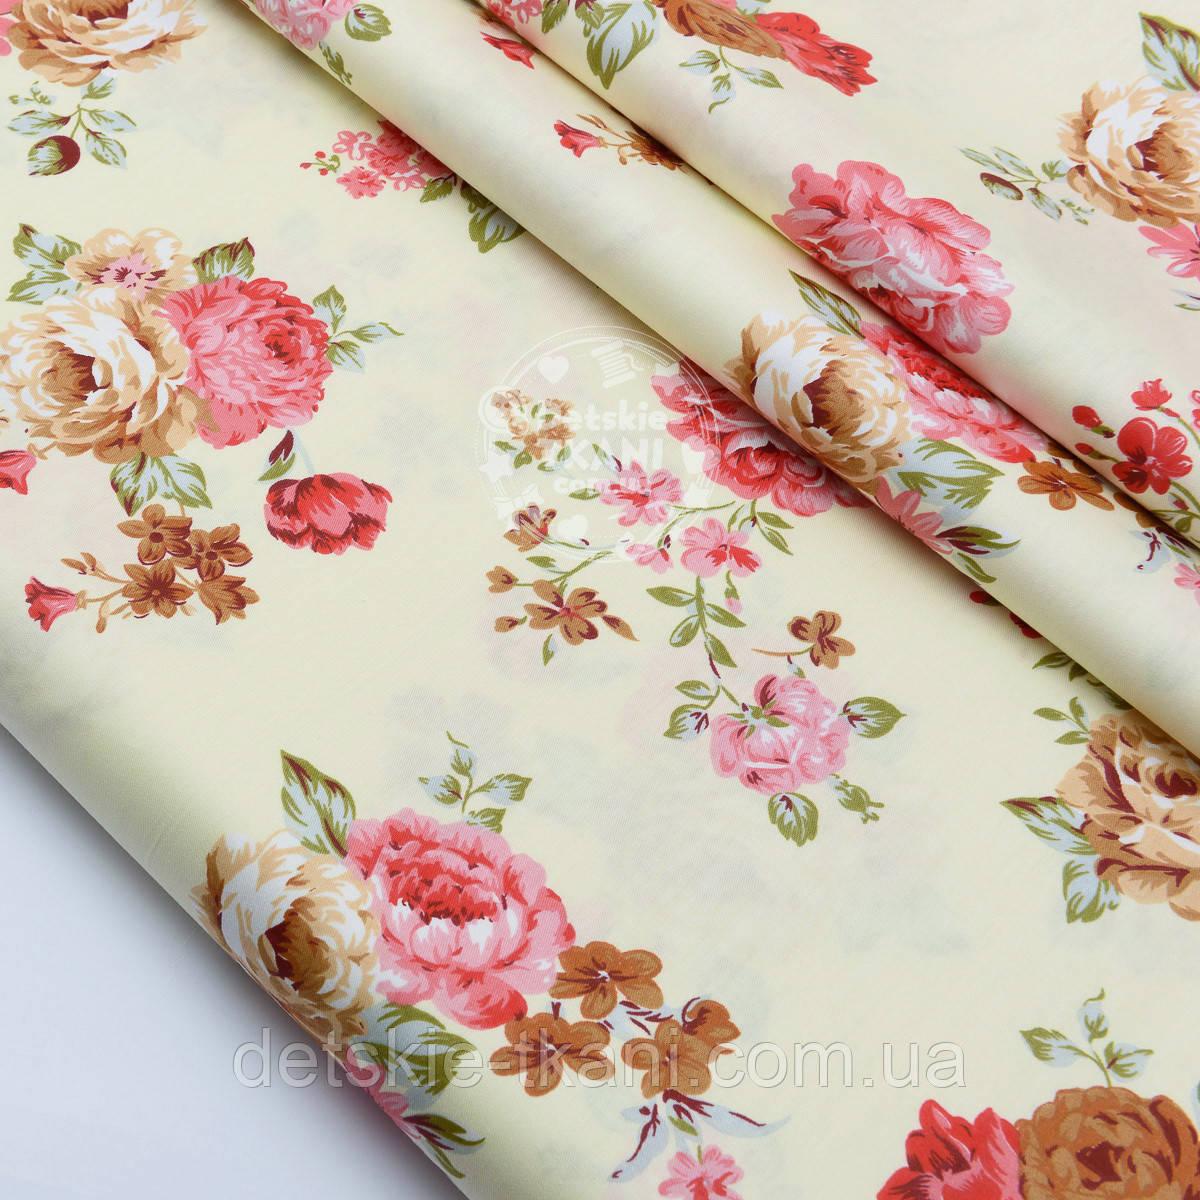 """Сатин ткань """"Большие пурпурные и коричневые розы на кремовом"""" №1469с"""